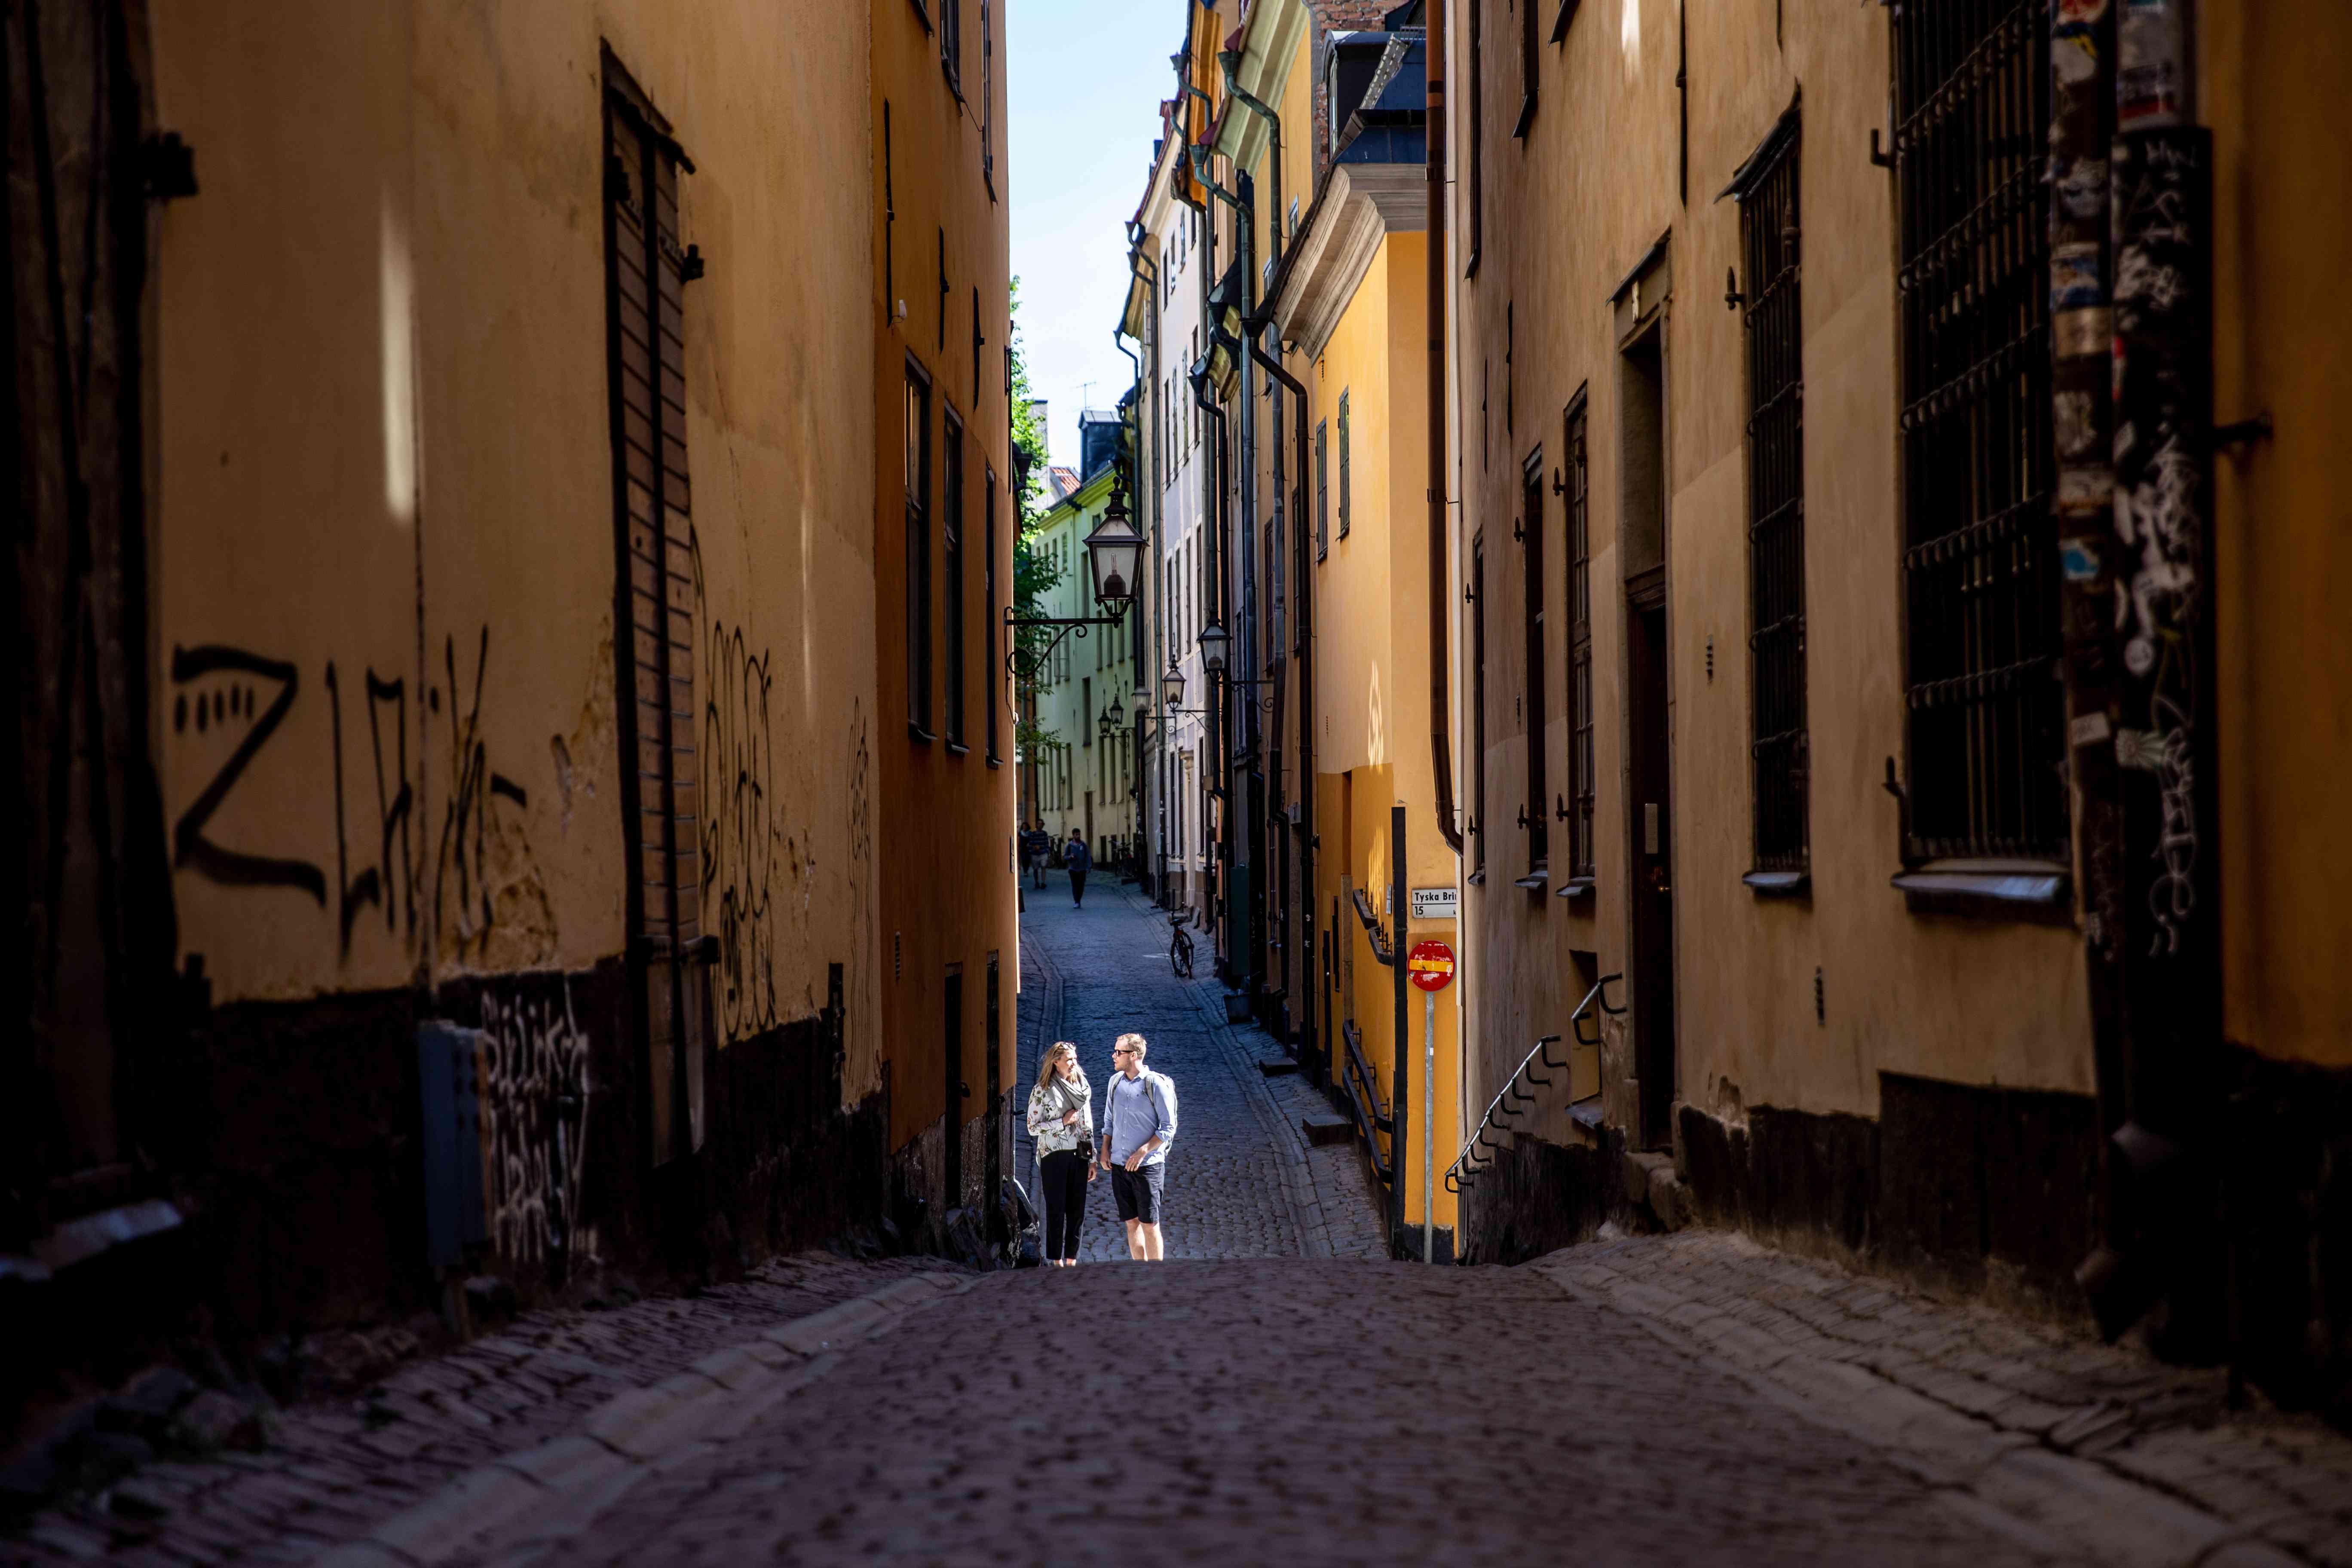 Two people wandering down alleys in Gamla Stan